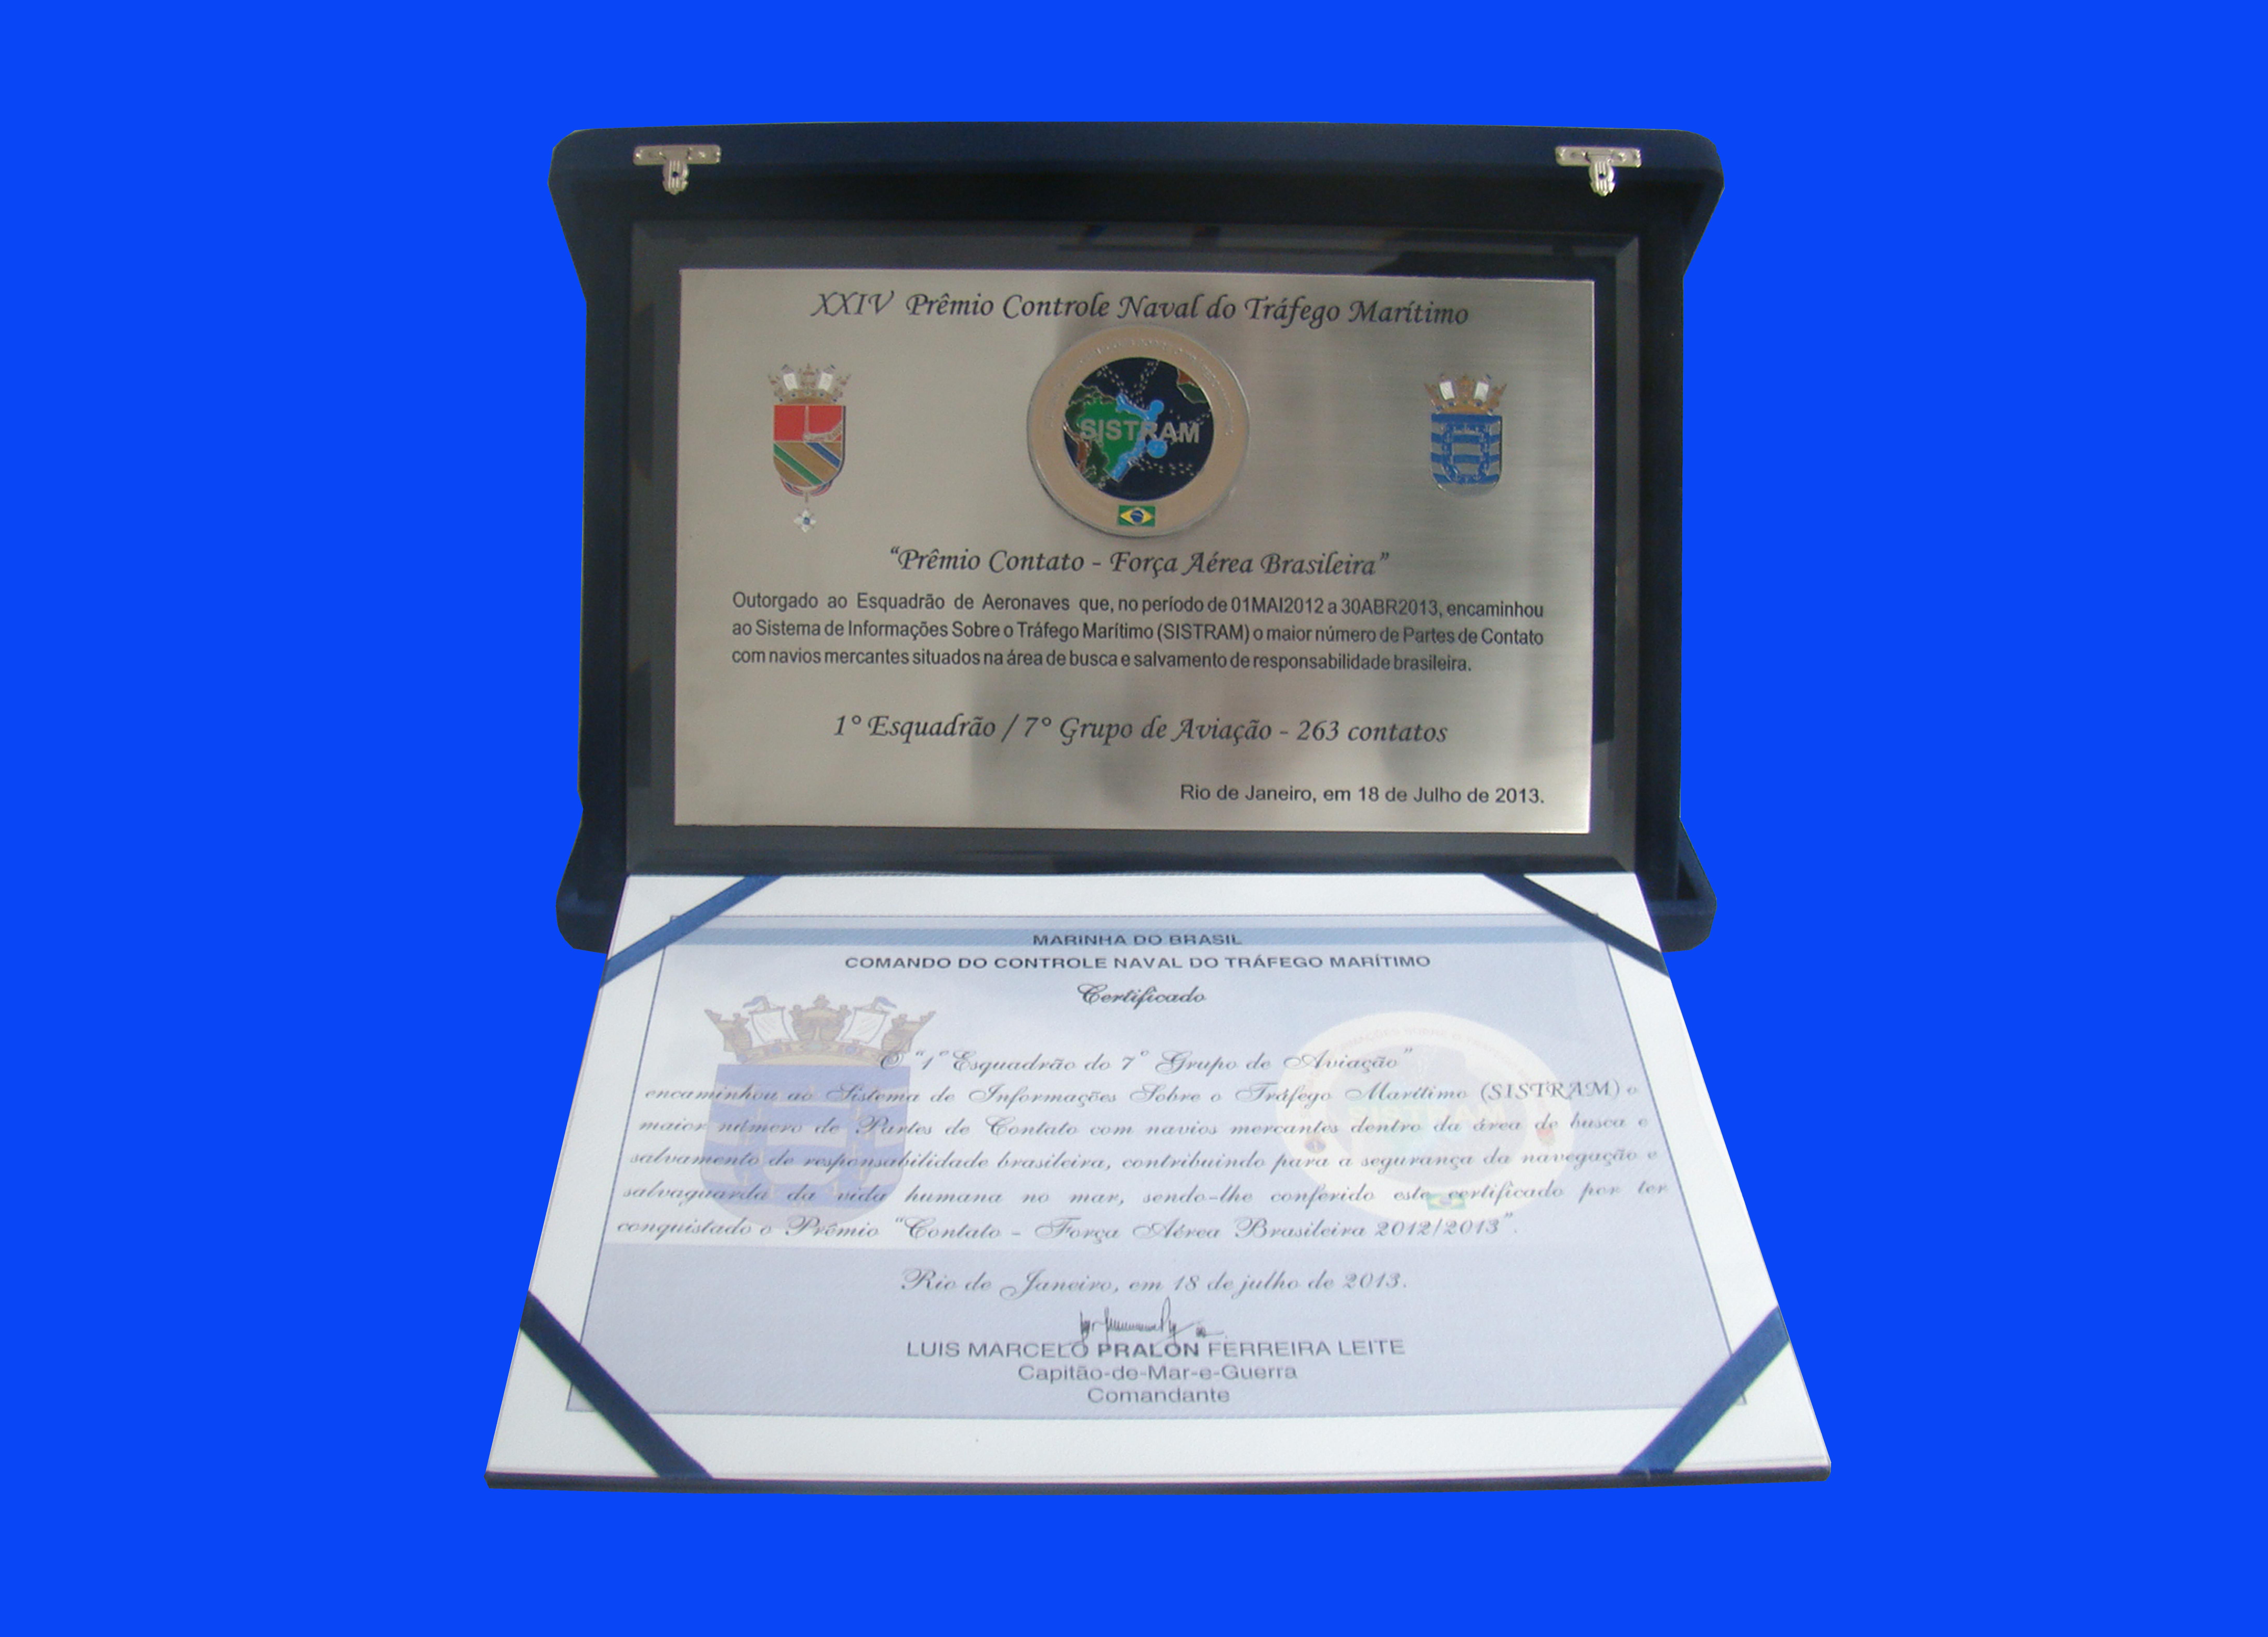 Esquadrão Orungan recebe prêmio Controle Naval de Tráfego Marítimo Placa%20cecomsaer